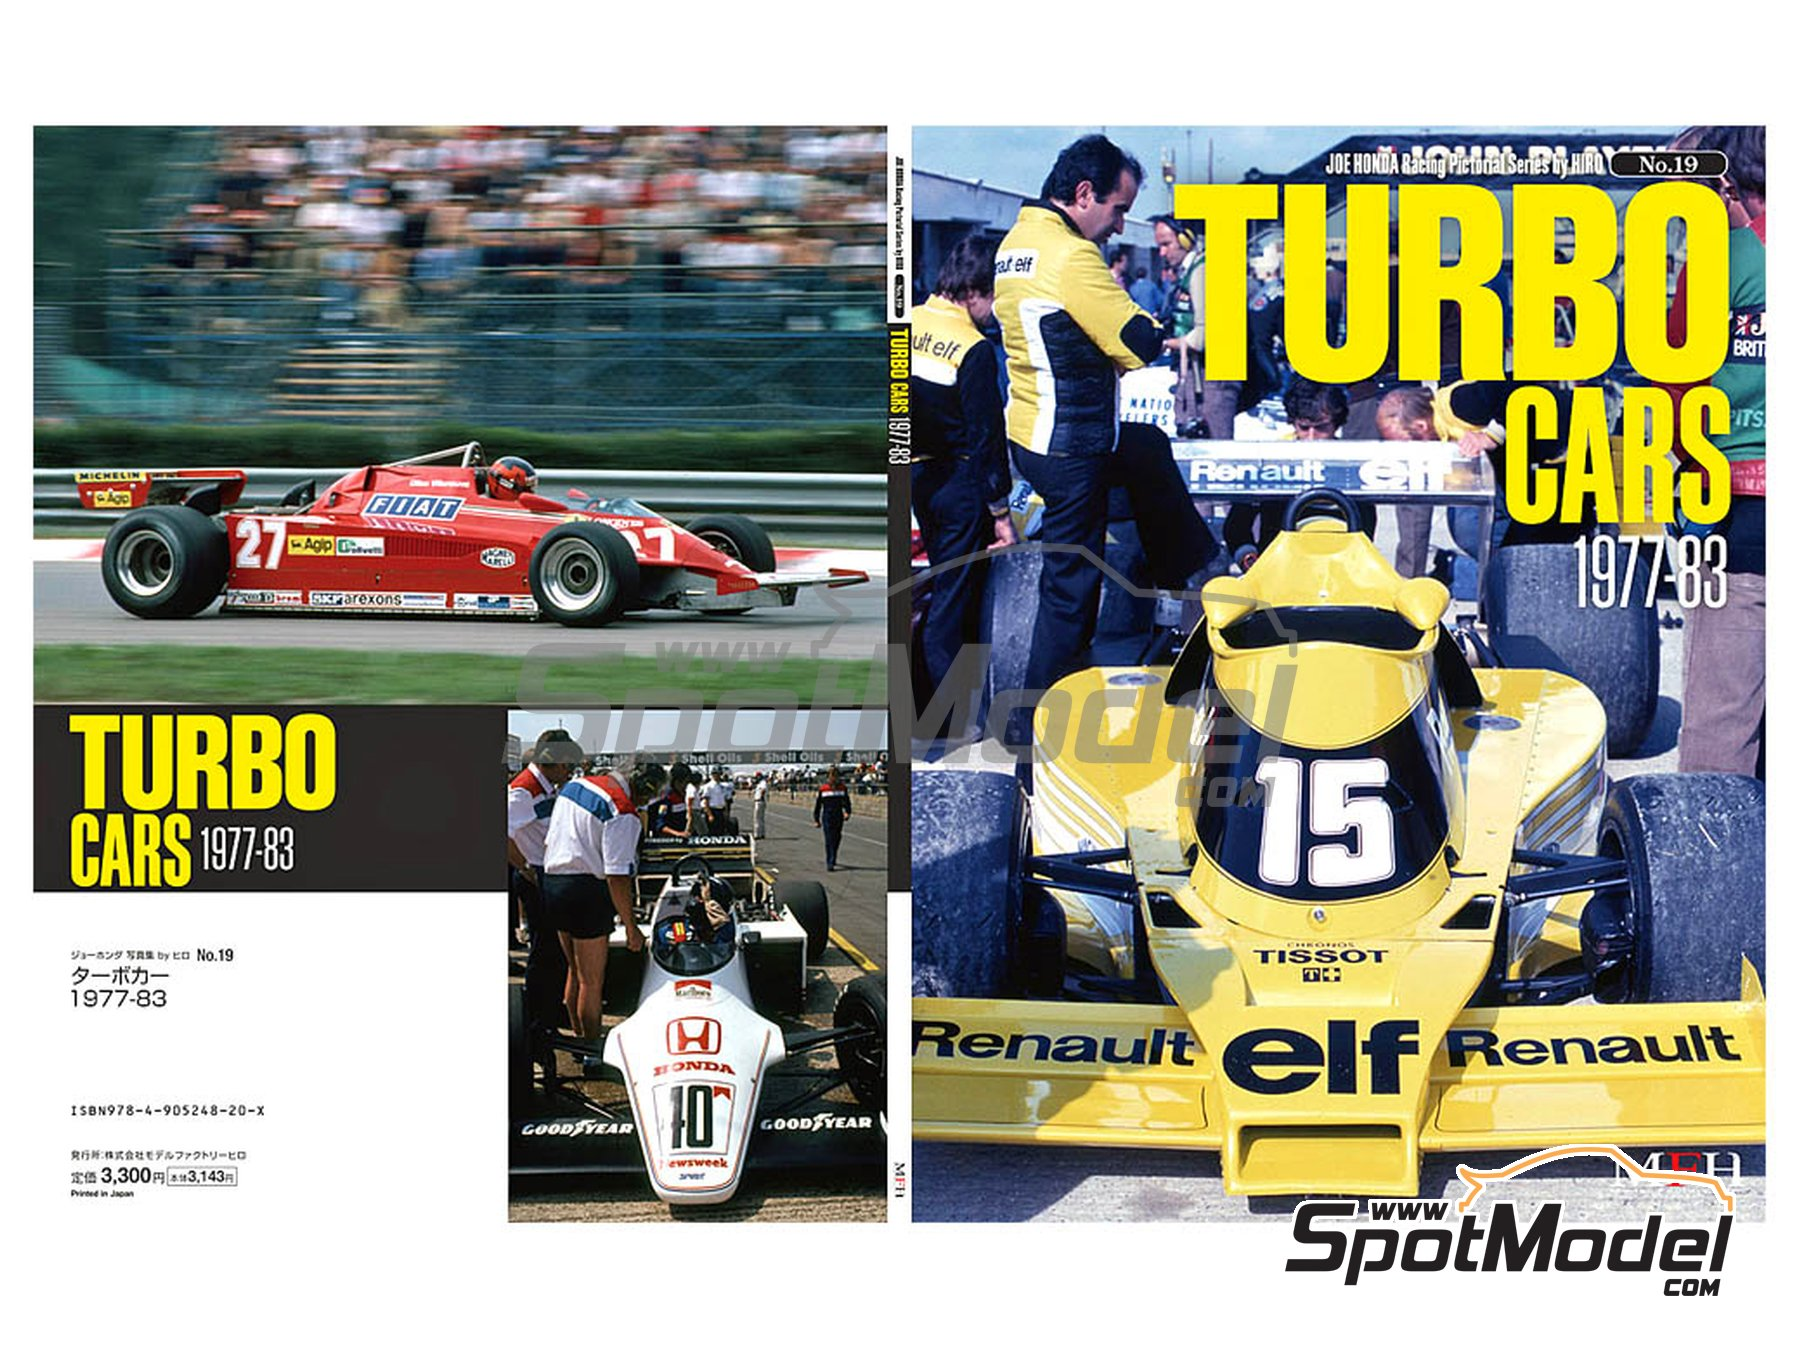 Image 1: JOE HONDA Racing Pictorial Series - Turbo Cars - Coches con turbo -  1977, 1978, 1979, 1980, 1981, 1982 y 1983 | Libro de referencia fabricado por Model Factory Hiro (ref.MFH-JH19)